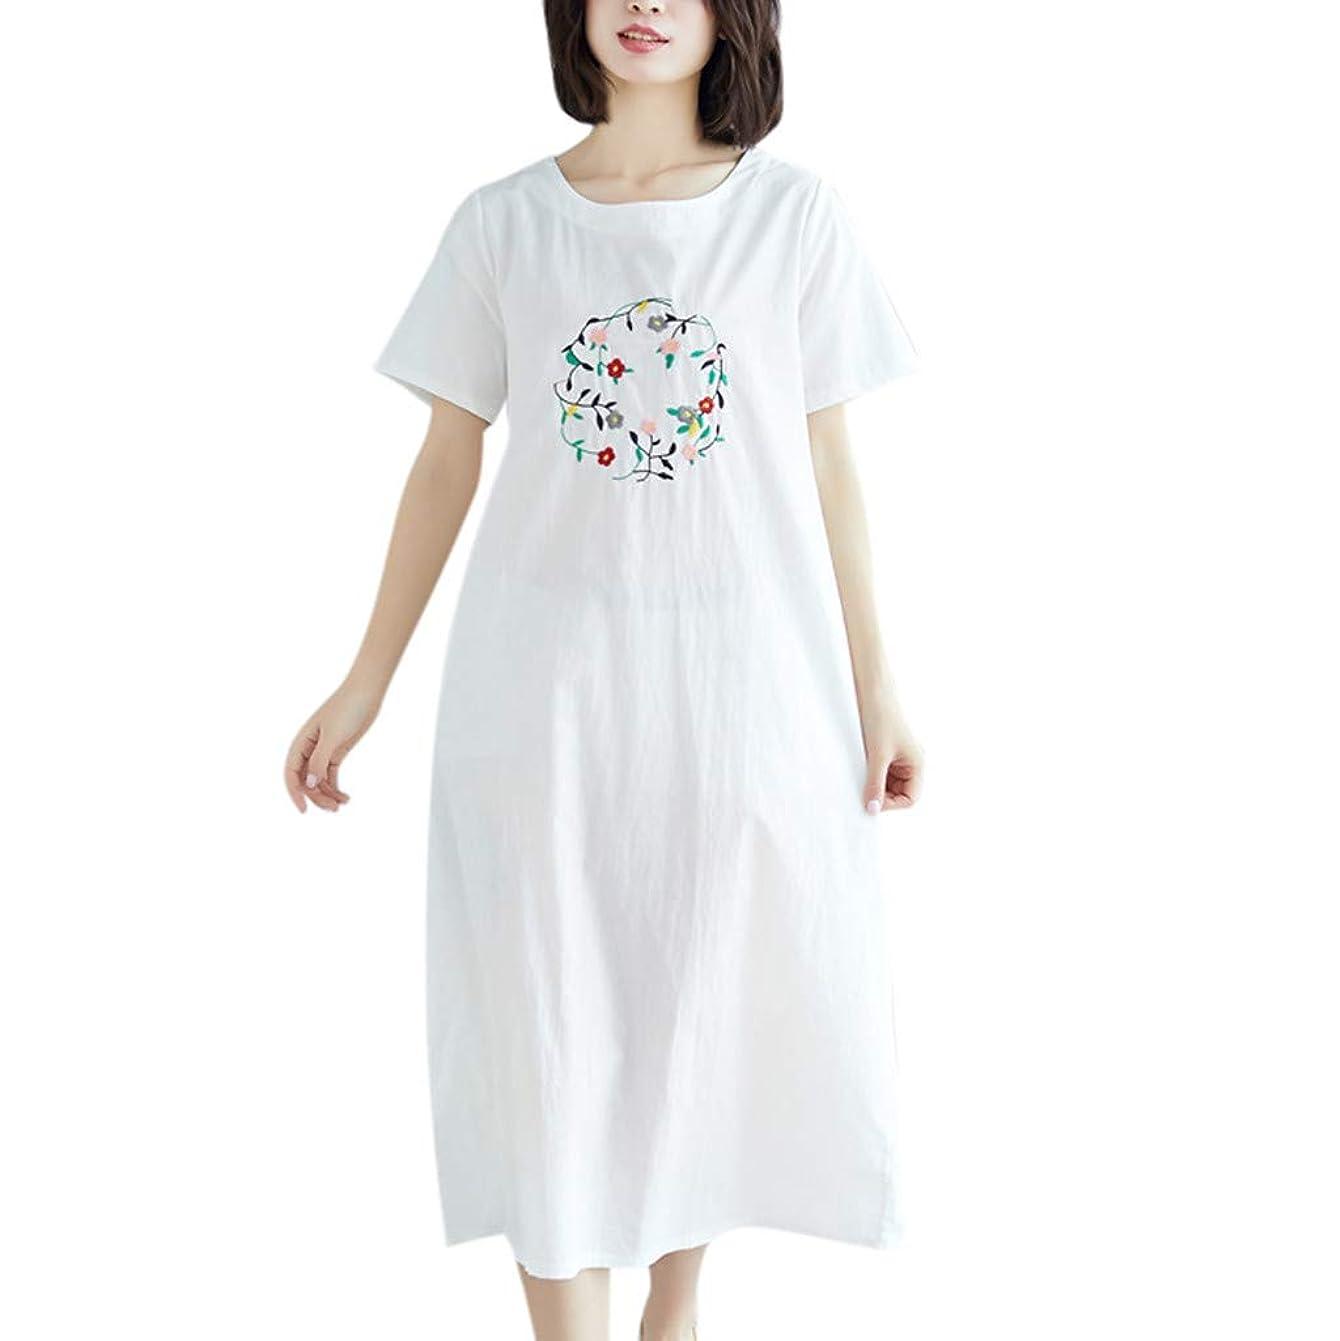 安全な誰が以下ワンピース レディース Rexzo 刺繍 ゆったり 綿麻ワンピース 純色 半袖 リネンワンピ ナチュラル カジュアル ワンピース シンプル 着やせ ドレス 優しい風合い 柔らかい スカート 日常 お出かけ 通学